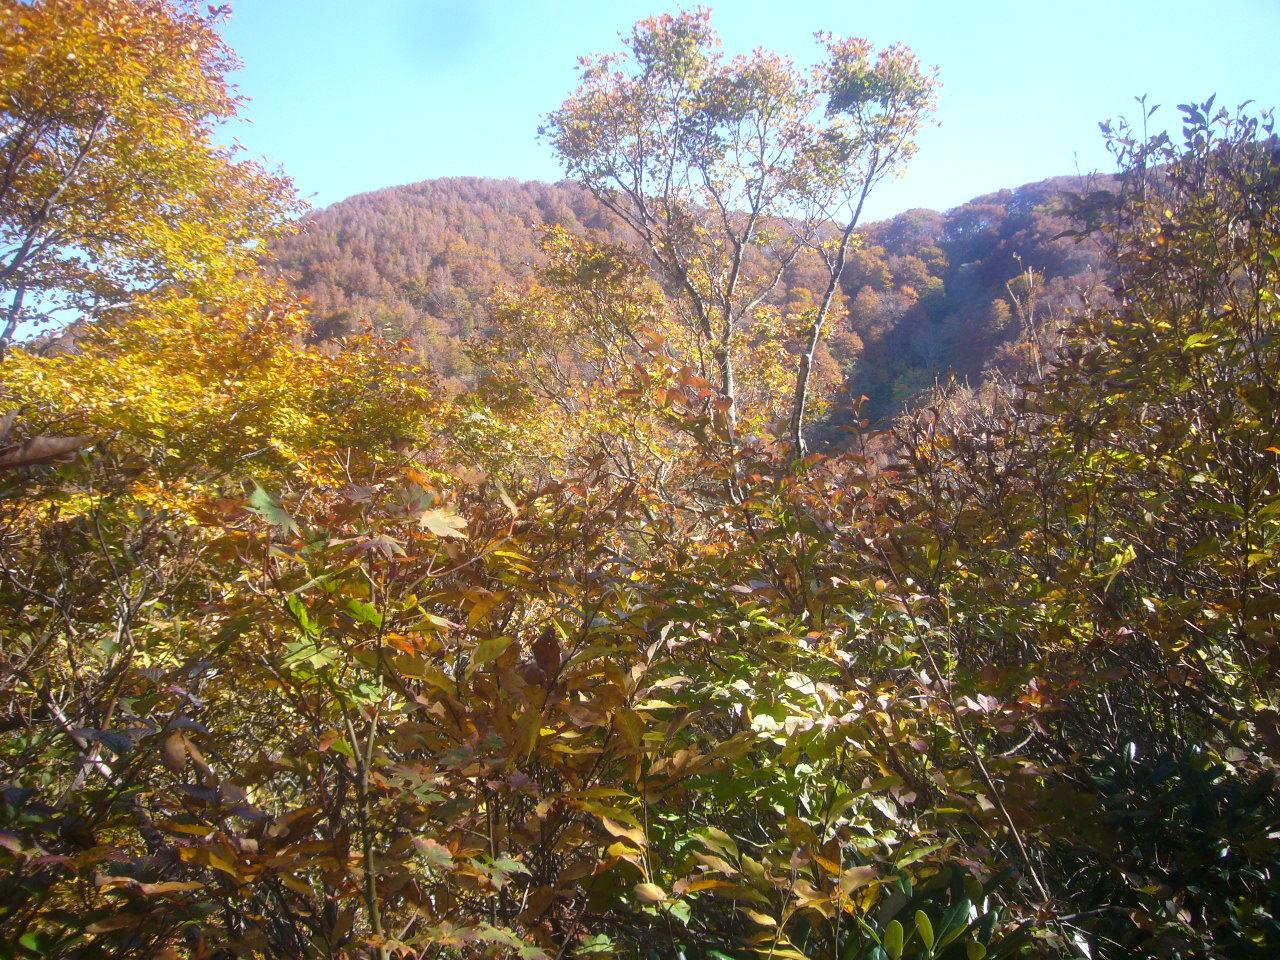 見晴休息地点から富士写が岳左峰 H30.11.03